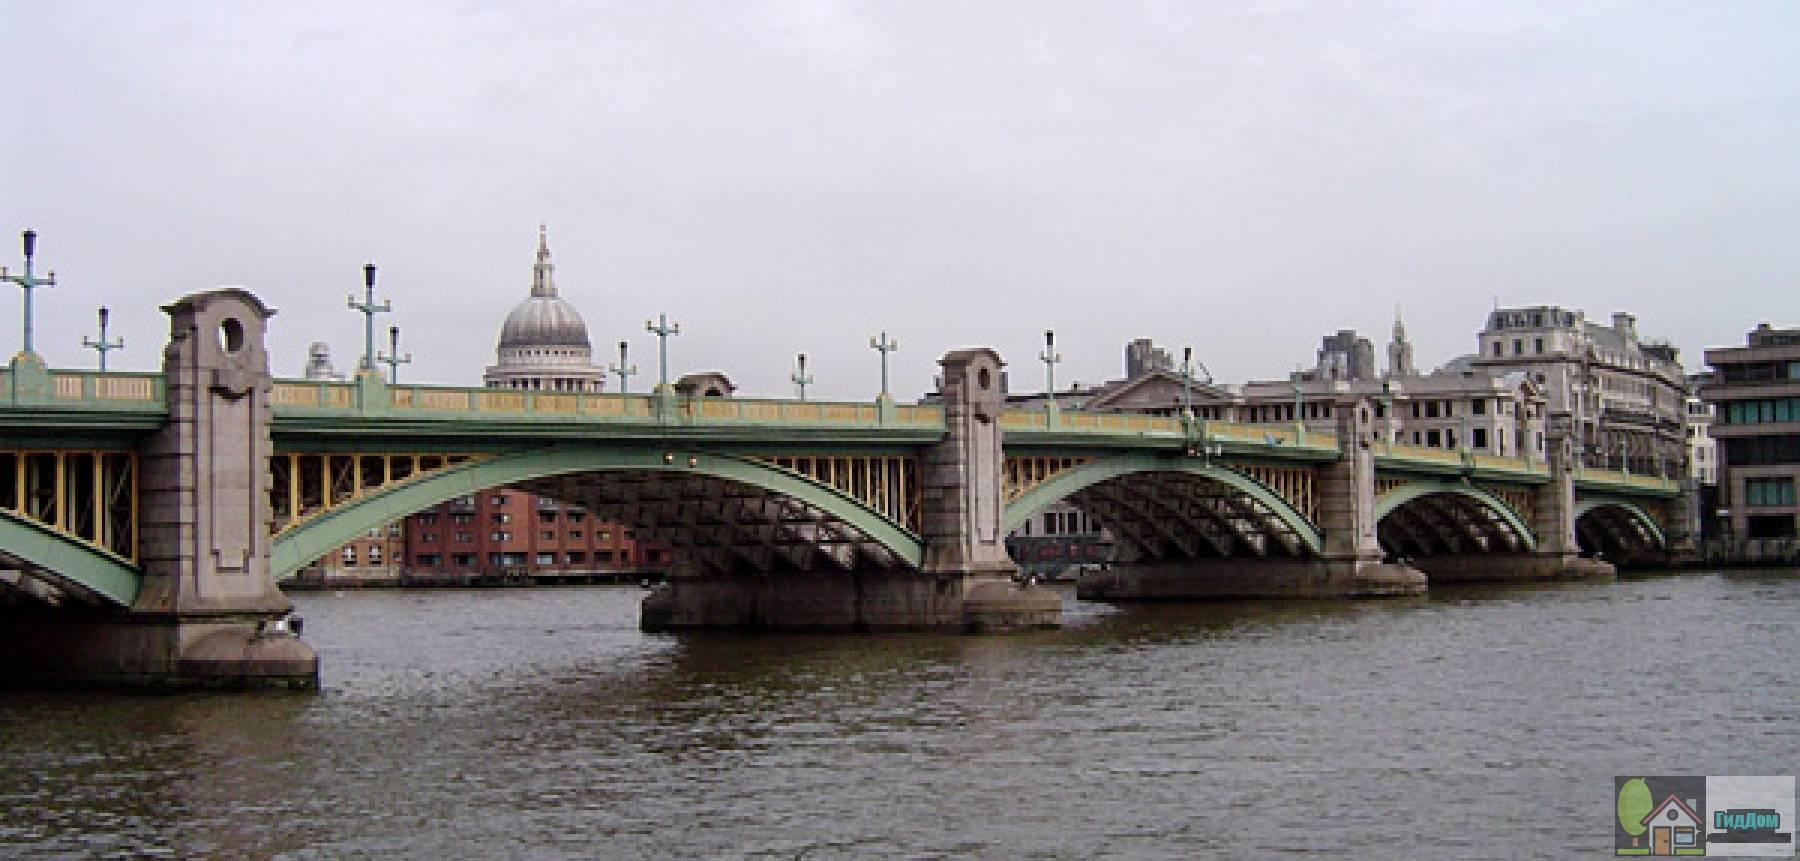 Мост Саутуарк в Лондоне